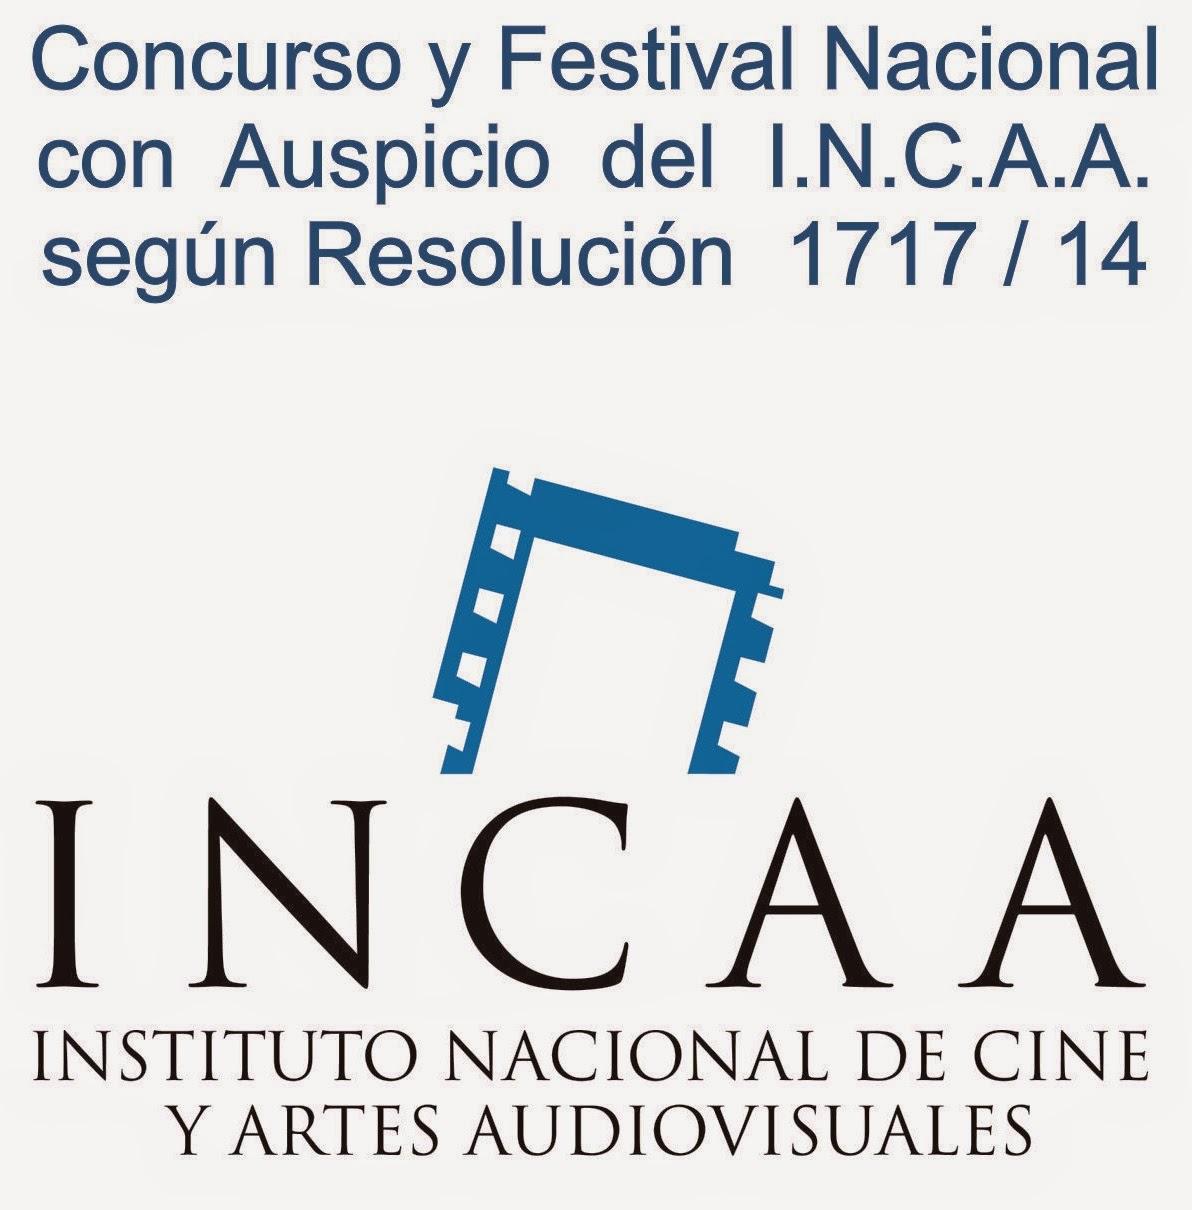 Auspicio del INCAA